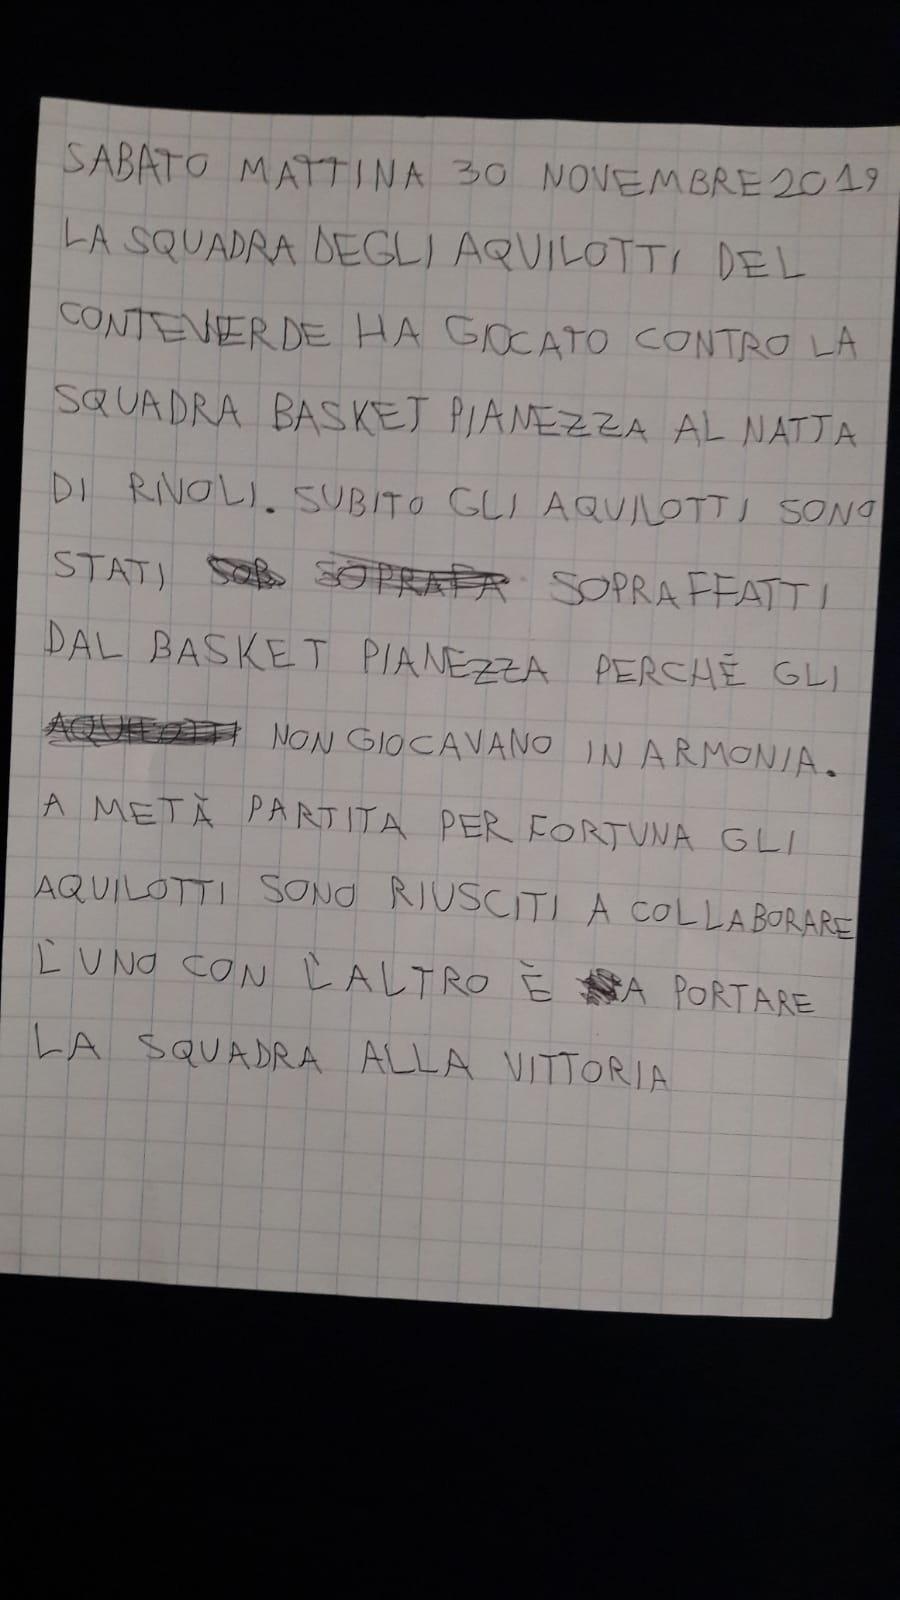 Aquilotti 2010: successo all'esordio!